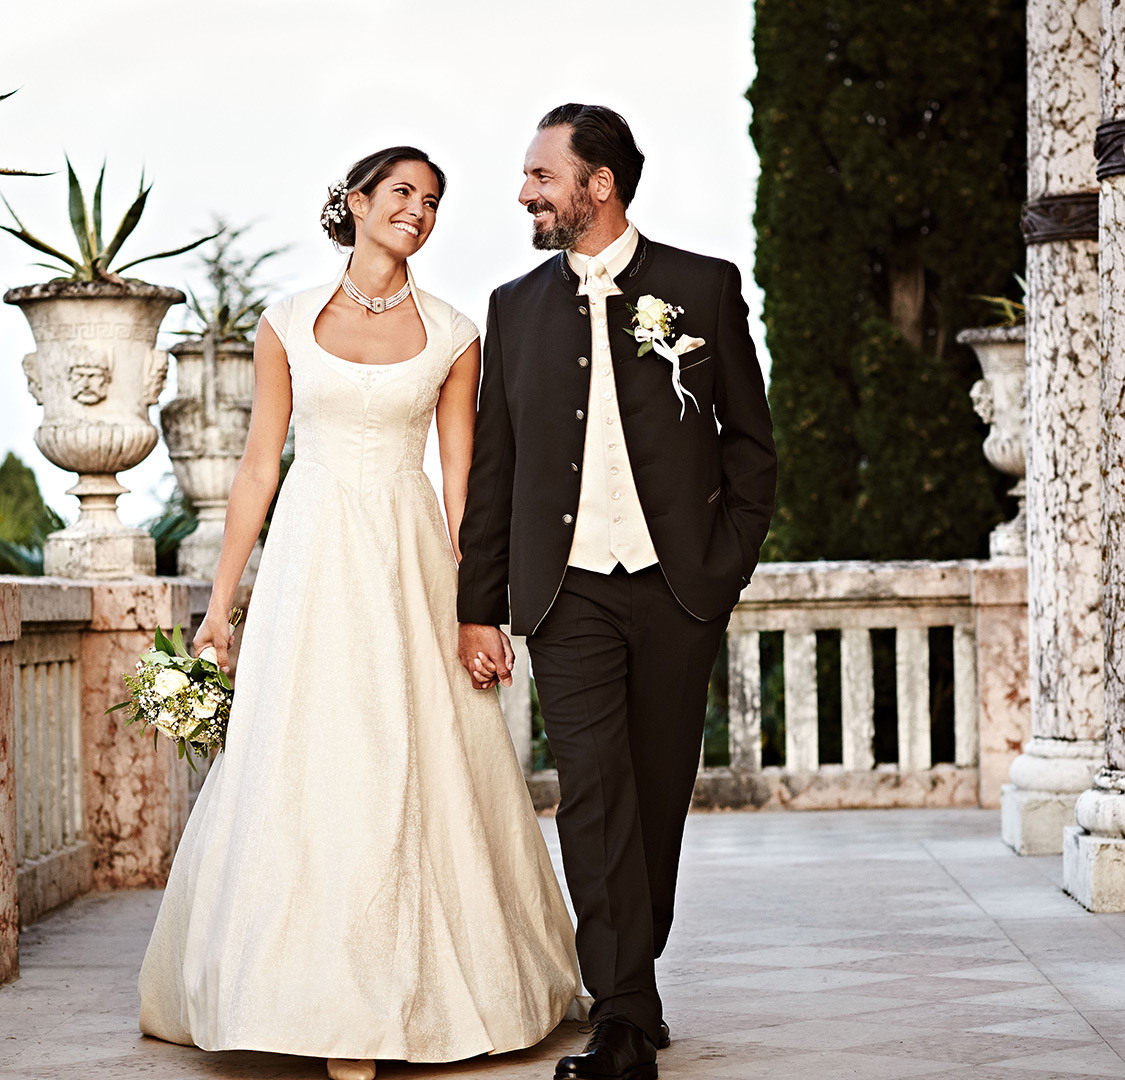 Trachtenhochzeit | Hochzeitsdirndl & Bräutigam | Wimmer